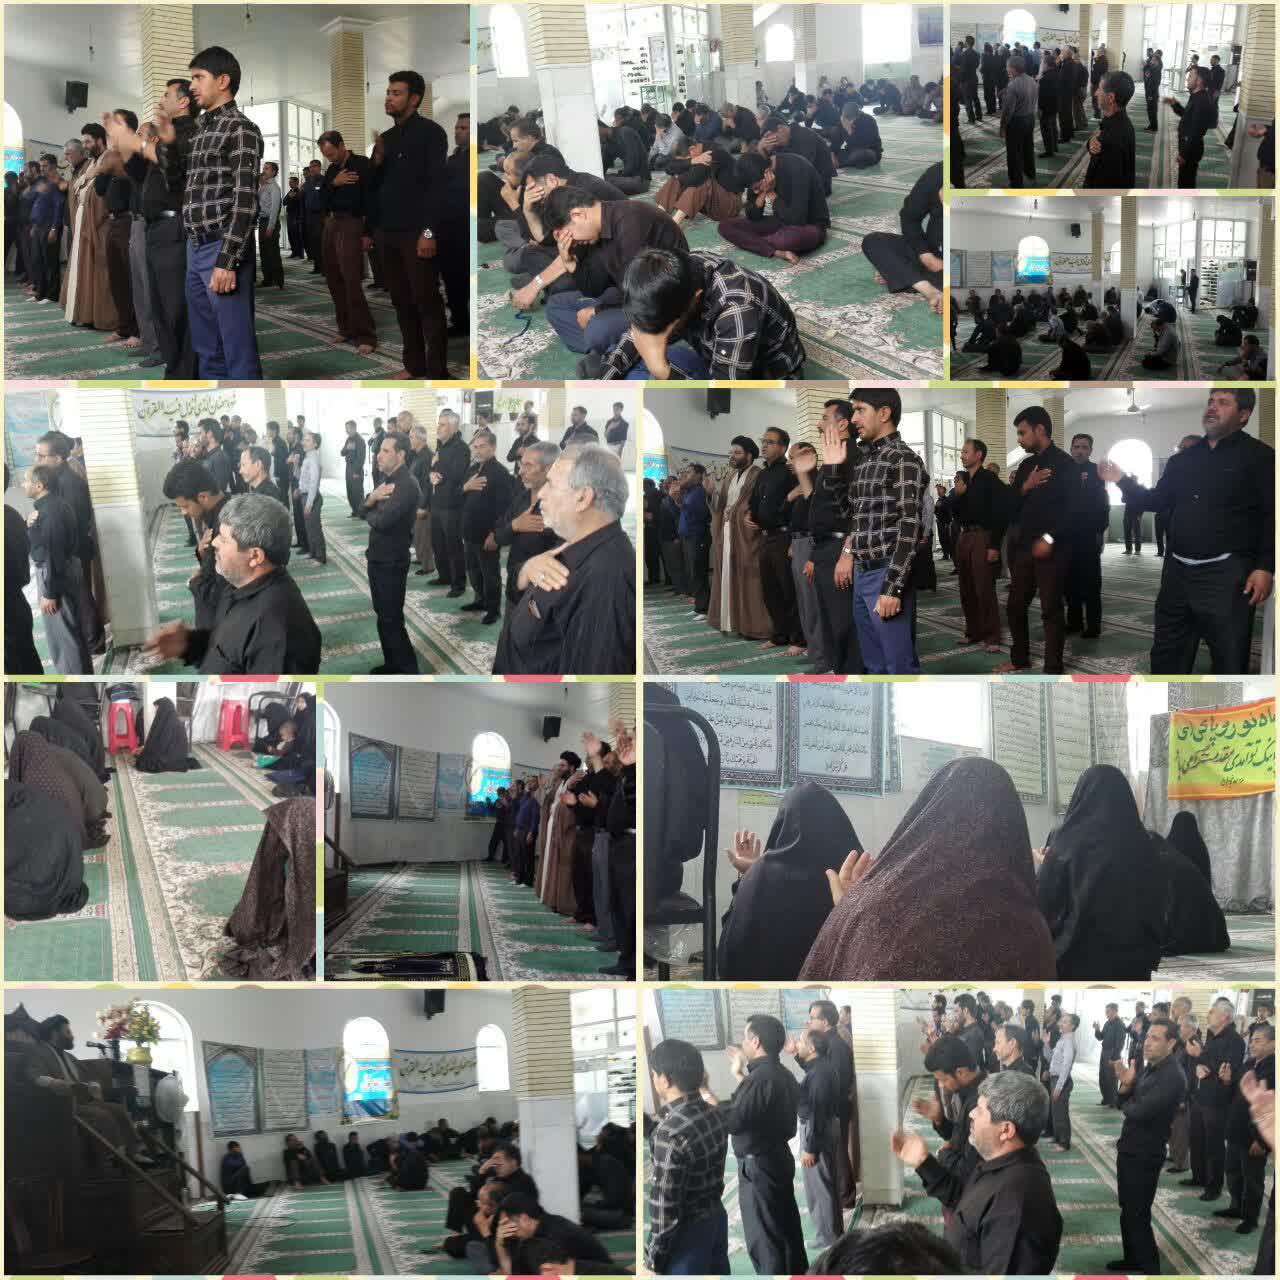 مراسم سوگواری شهادت مولای متقیان حضرت امیرالمومنین(علیه السلام) در رابر